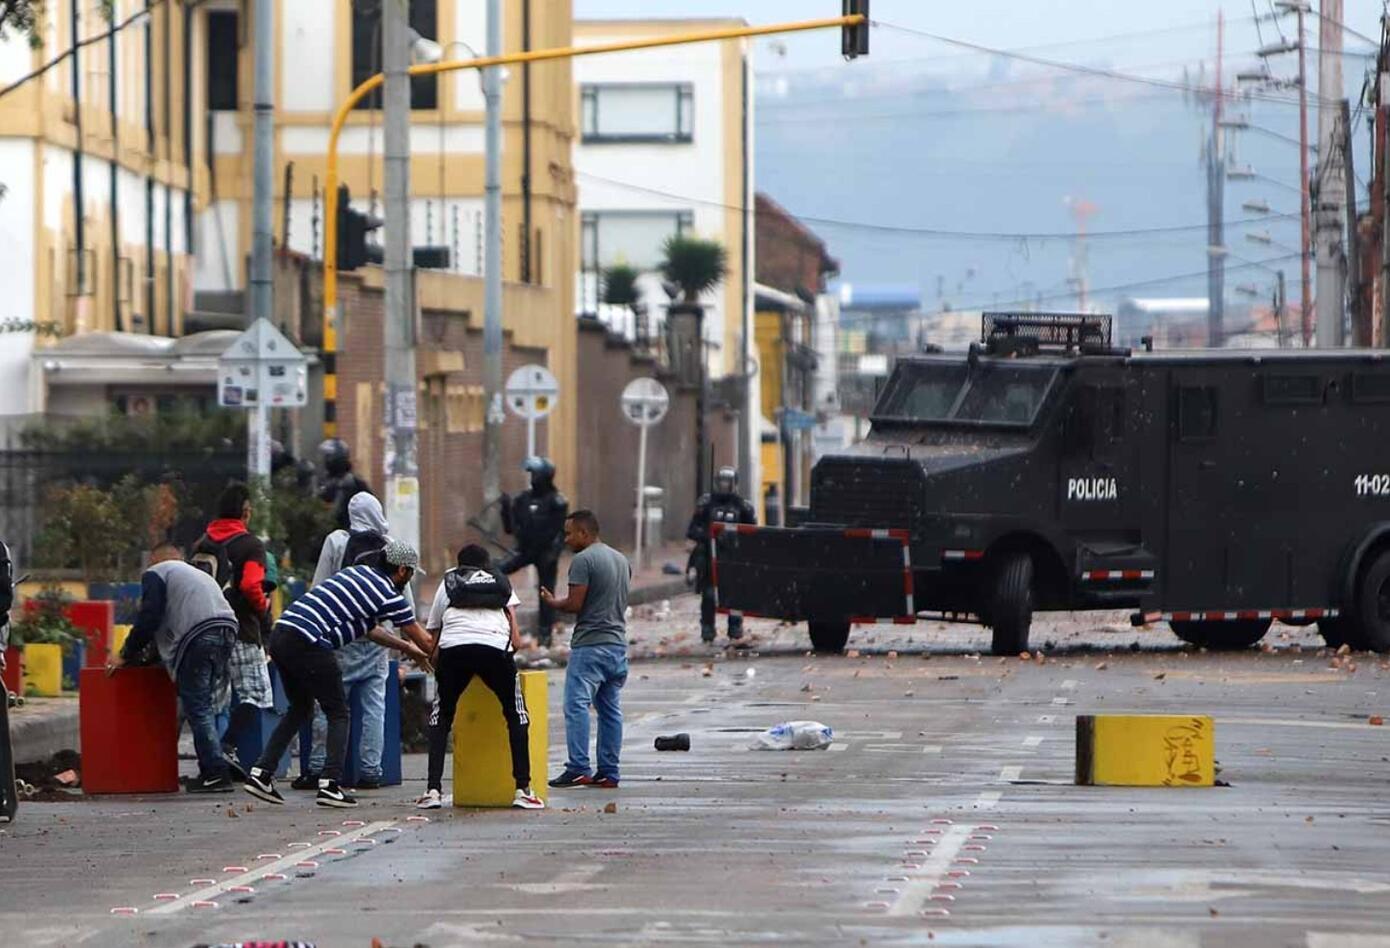 Los manifestantes bloquearon vías y arrojaron piedras a las autoridades.